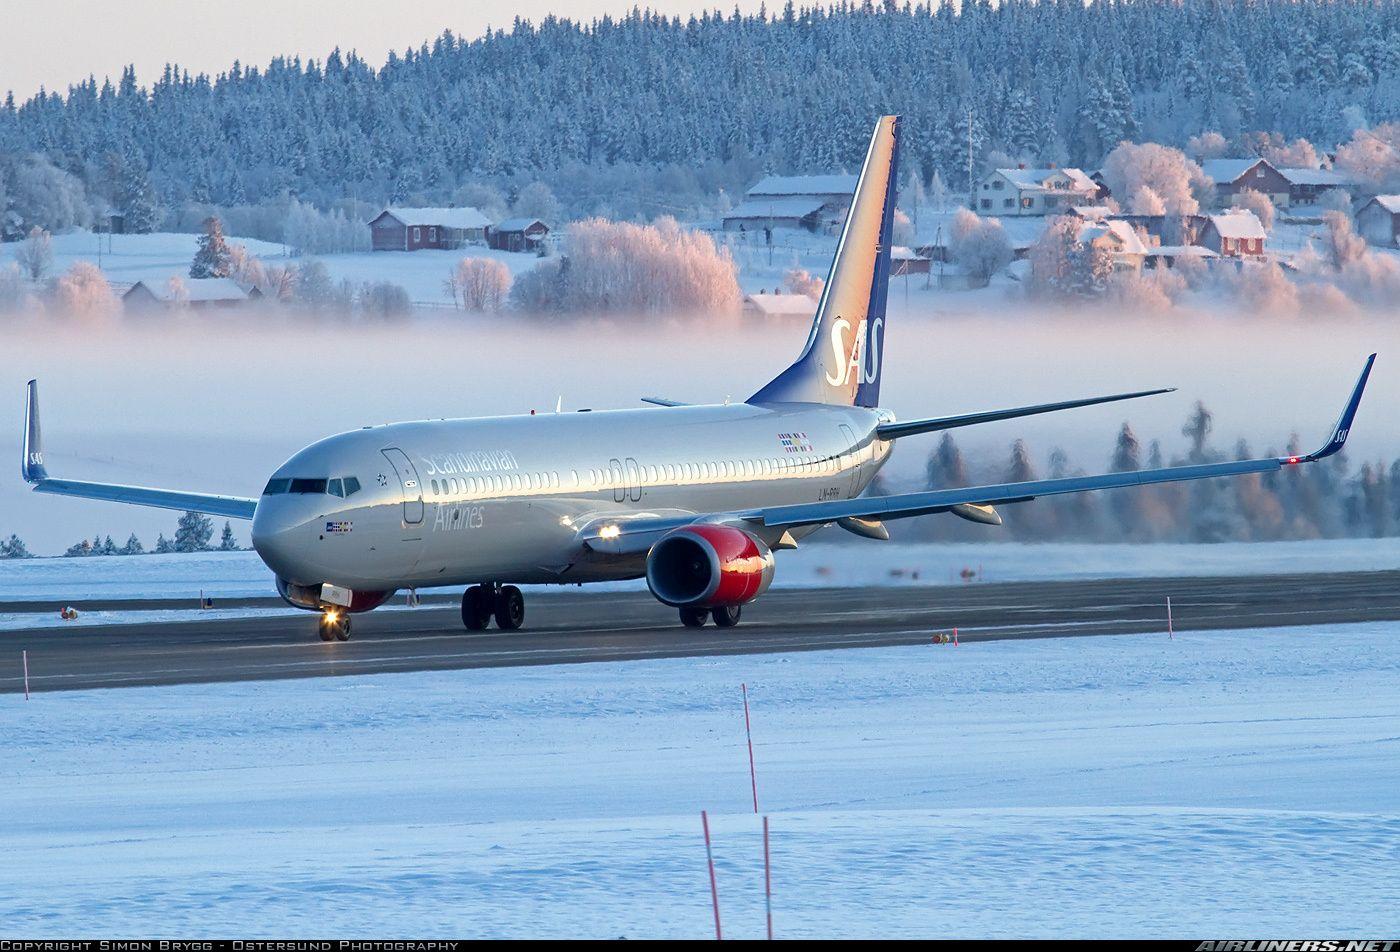 Scandinavian Airlines Sas Boeing 737 883 Ln Rrh Freja Viking Powering Up To Take Off Speed While Departing A Scandinavian Airlines System Boeing 737 Boeing